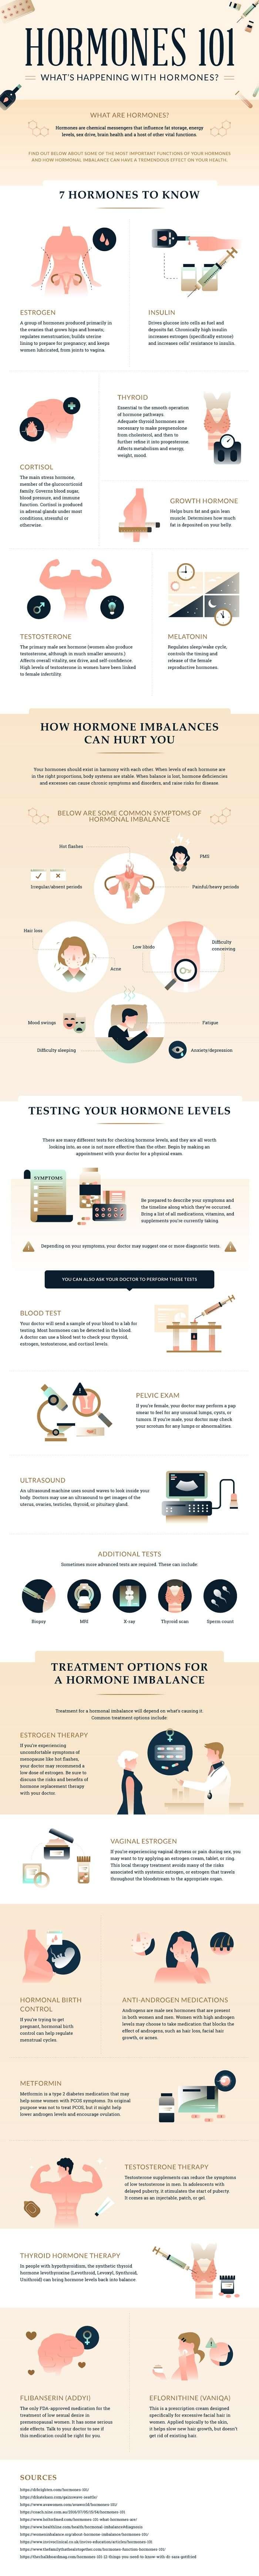 Hormones 101 Infographic